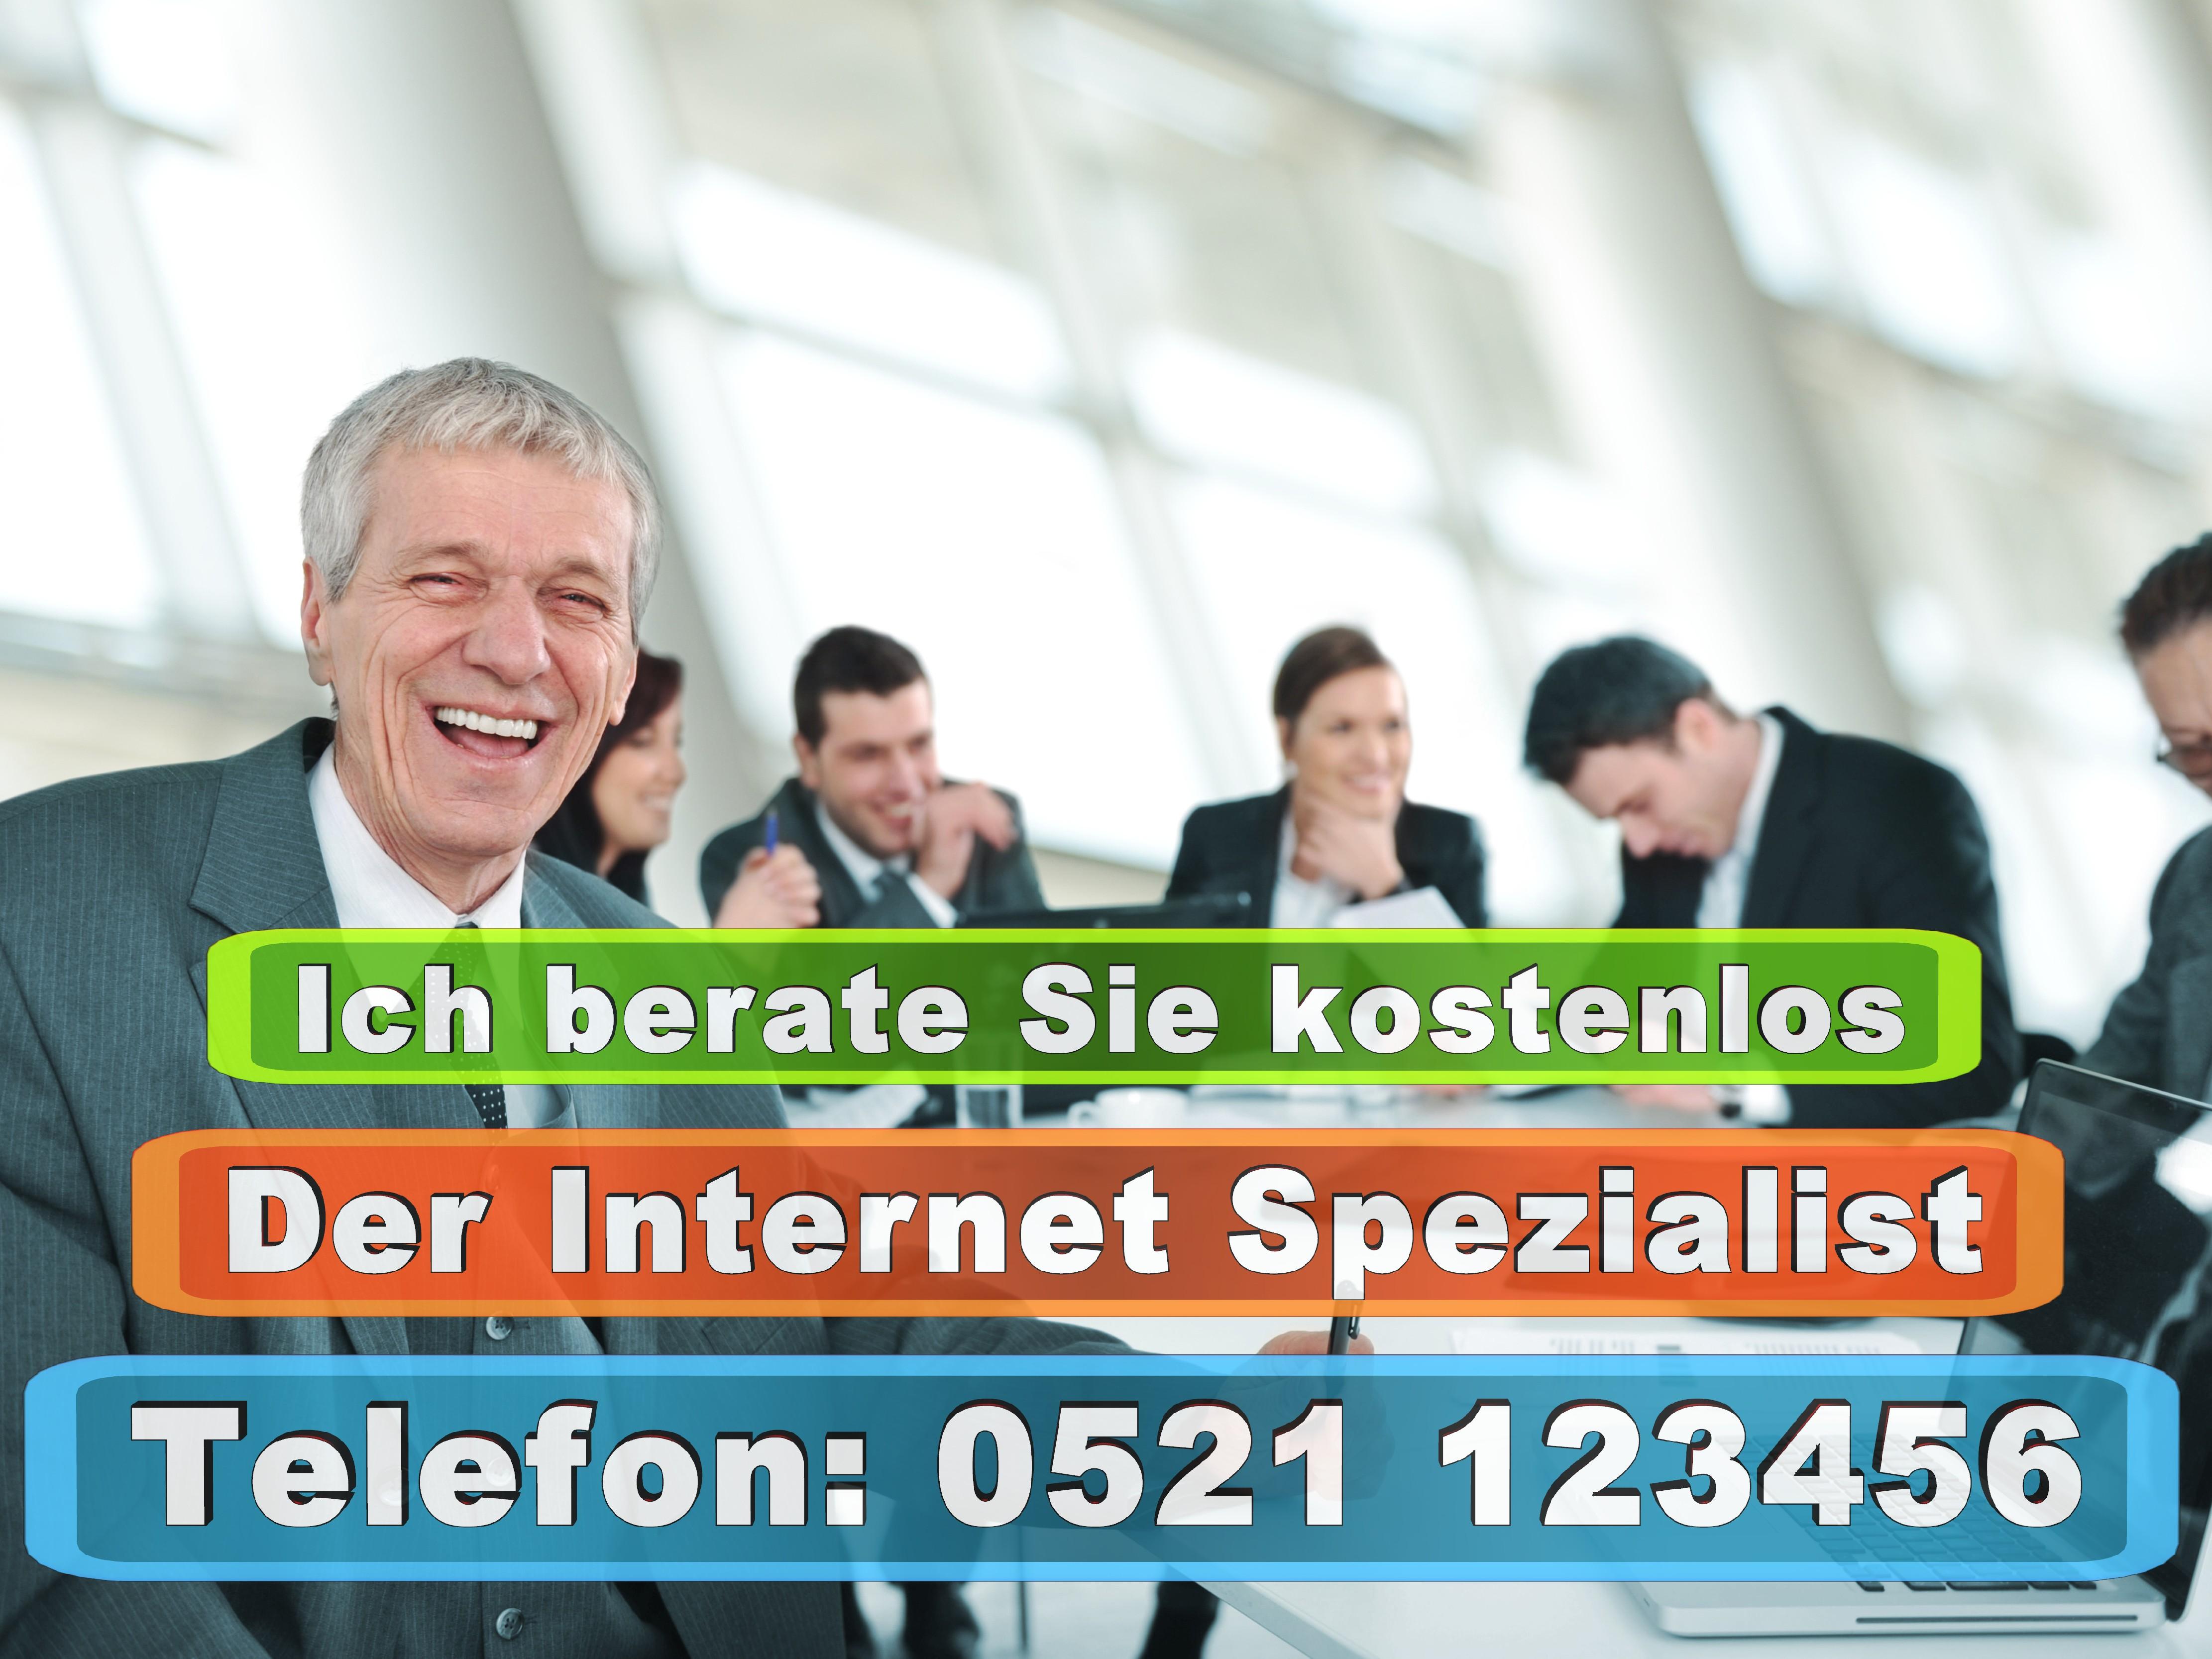 Steuerberater Bielefeld Rechtsanwalt Bielefeld Hausverwaltung Bielefeld Immobilien Bielefeld Architekt Bielefeld Büro Versicherungen (1)